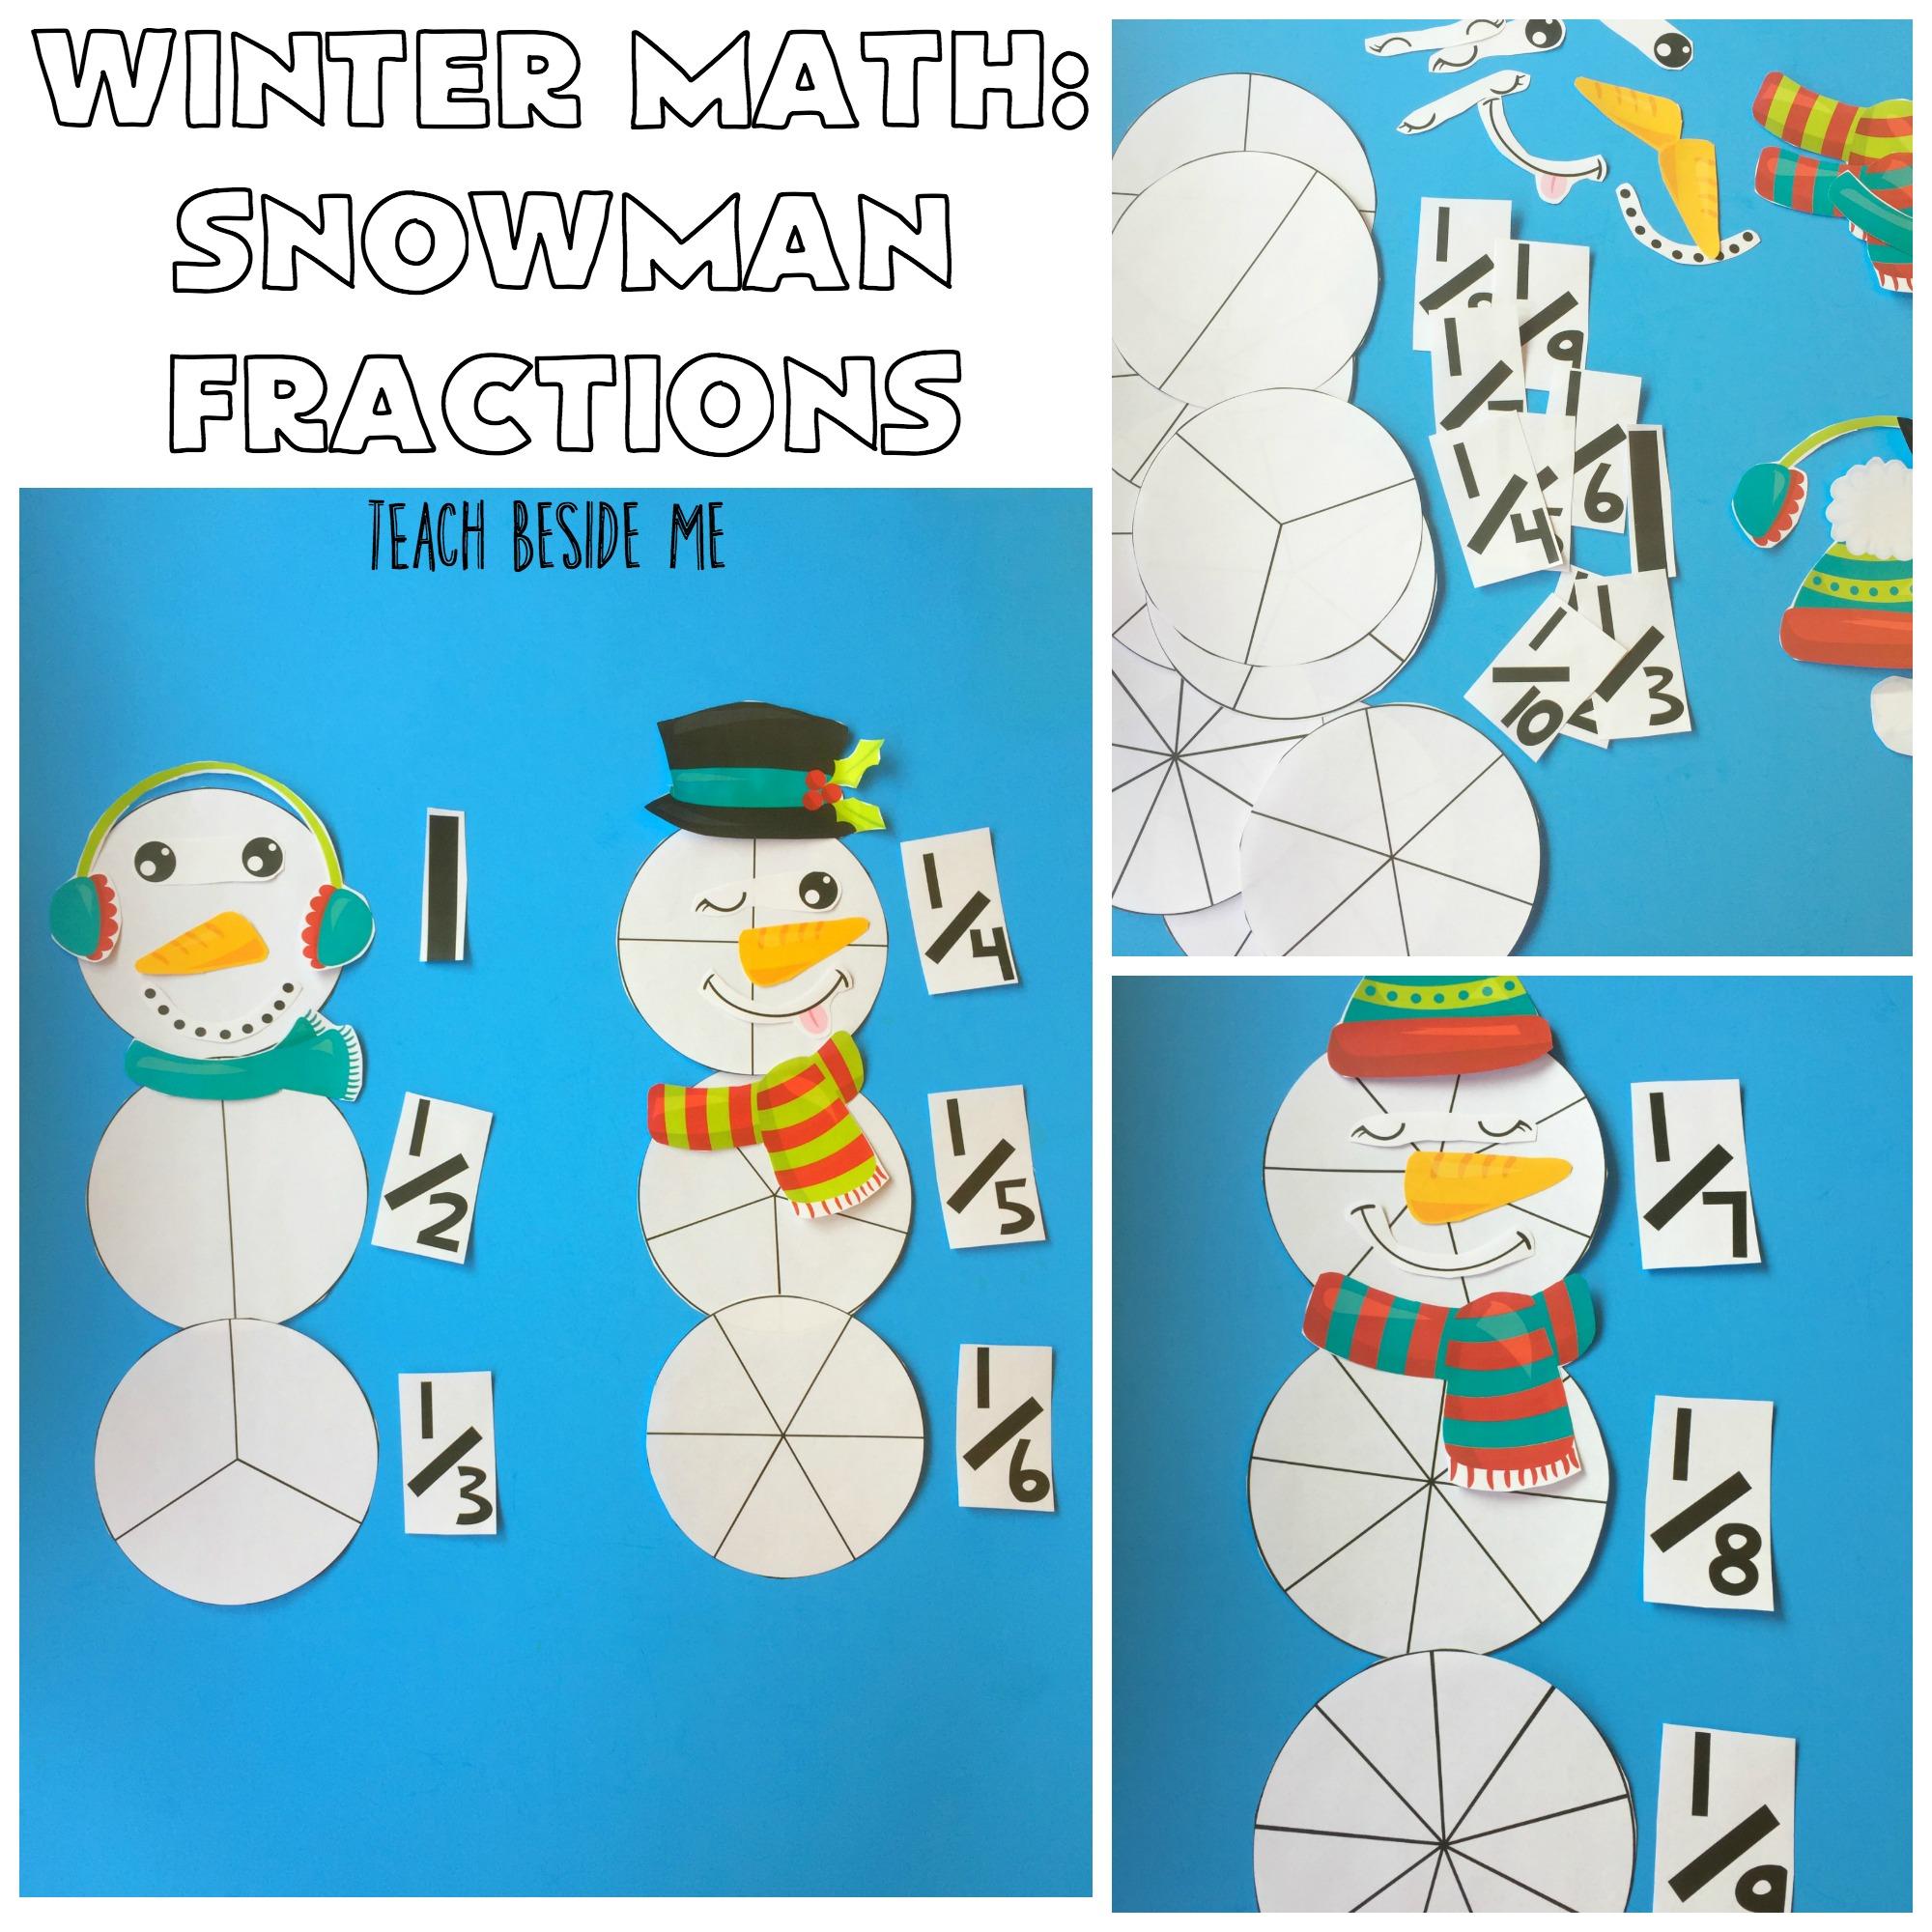 Winter Math Snowman Fractions